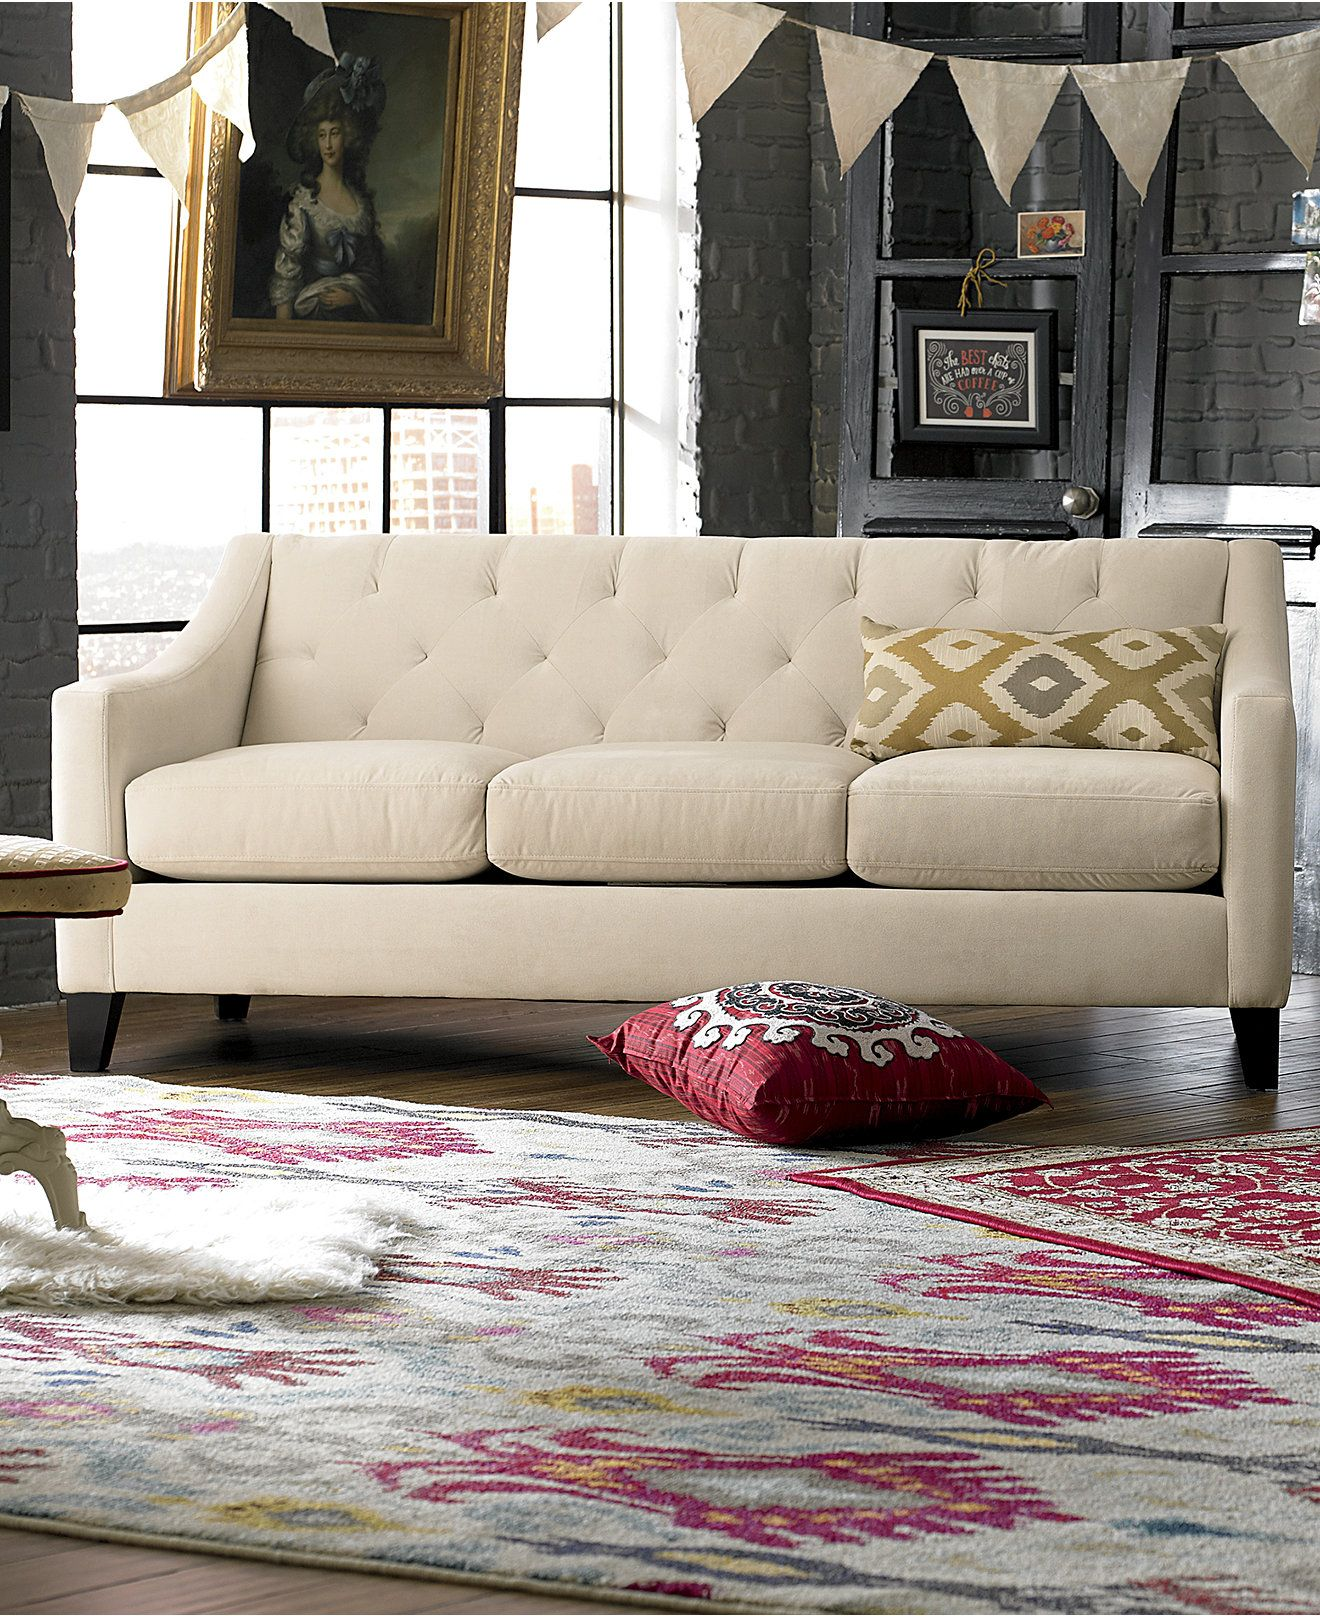 chloe on tufted velvet sofa mirror vine living room furniture collection